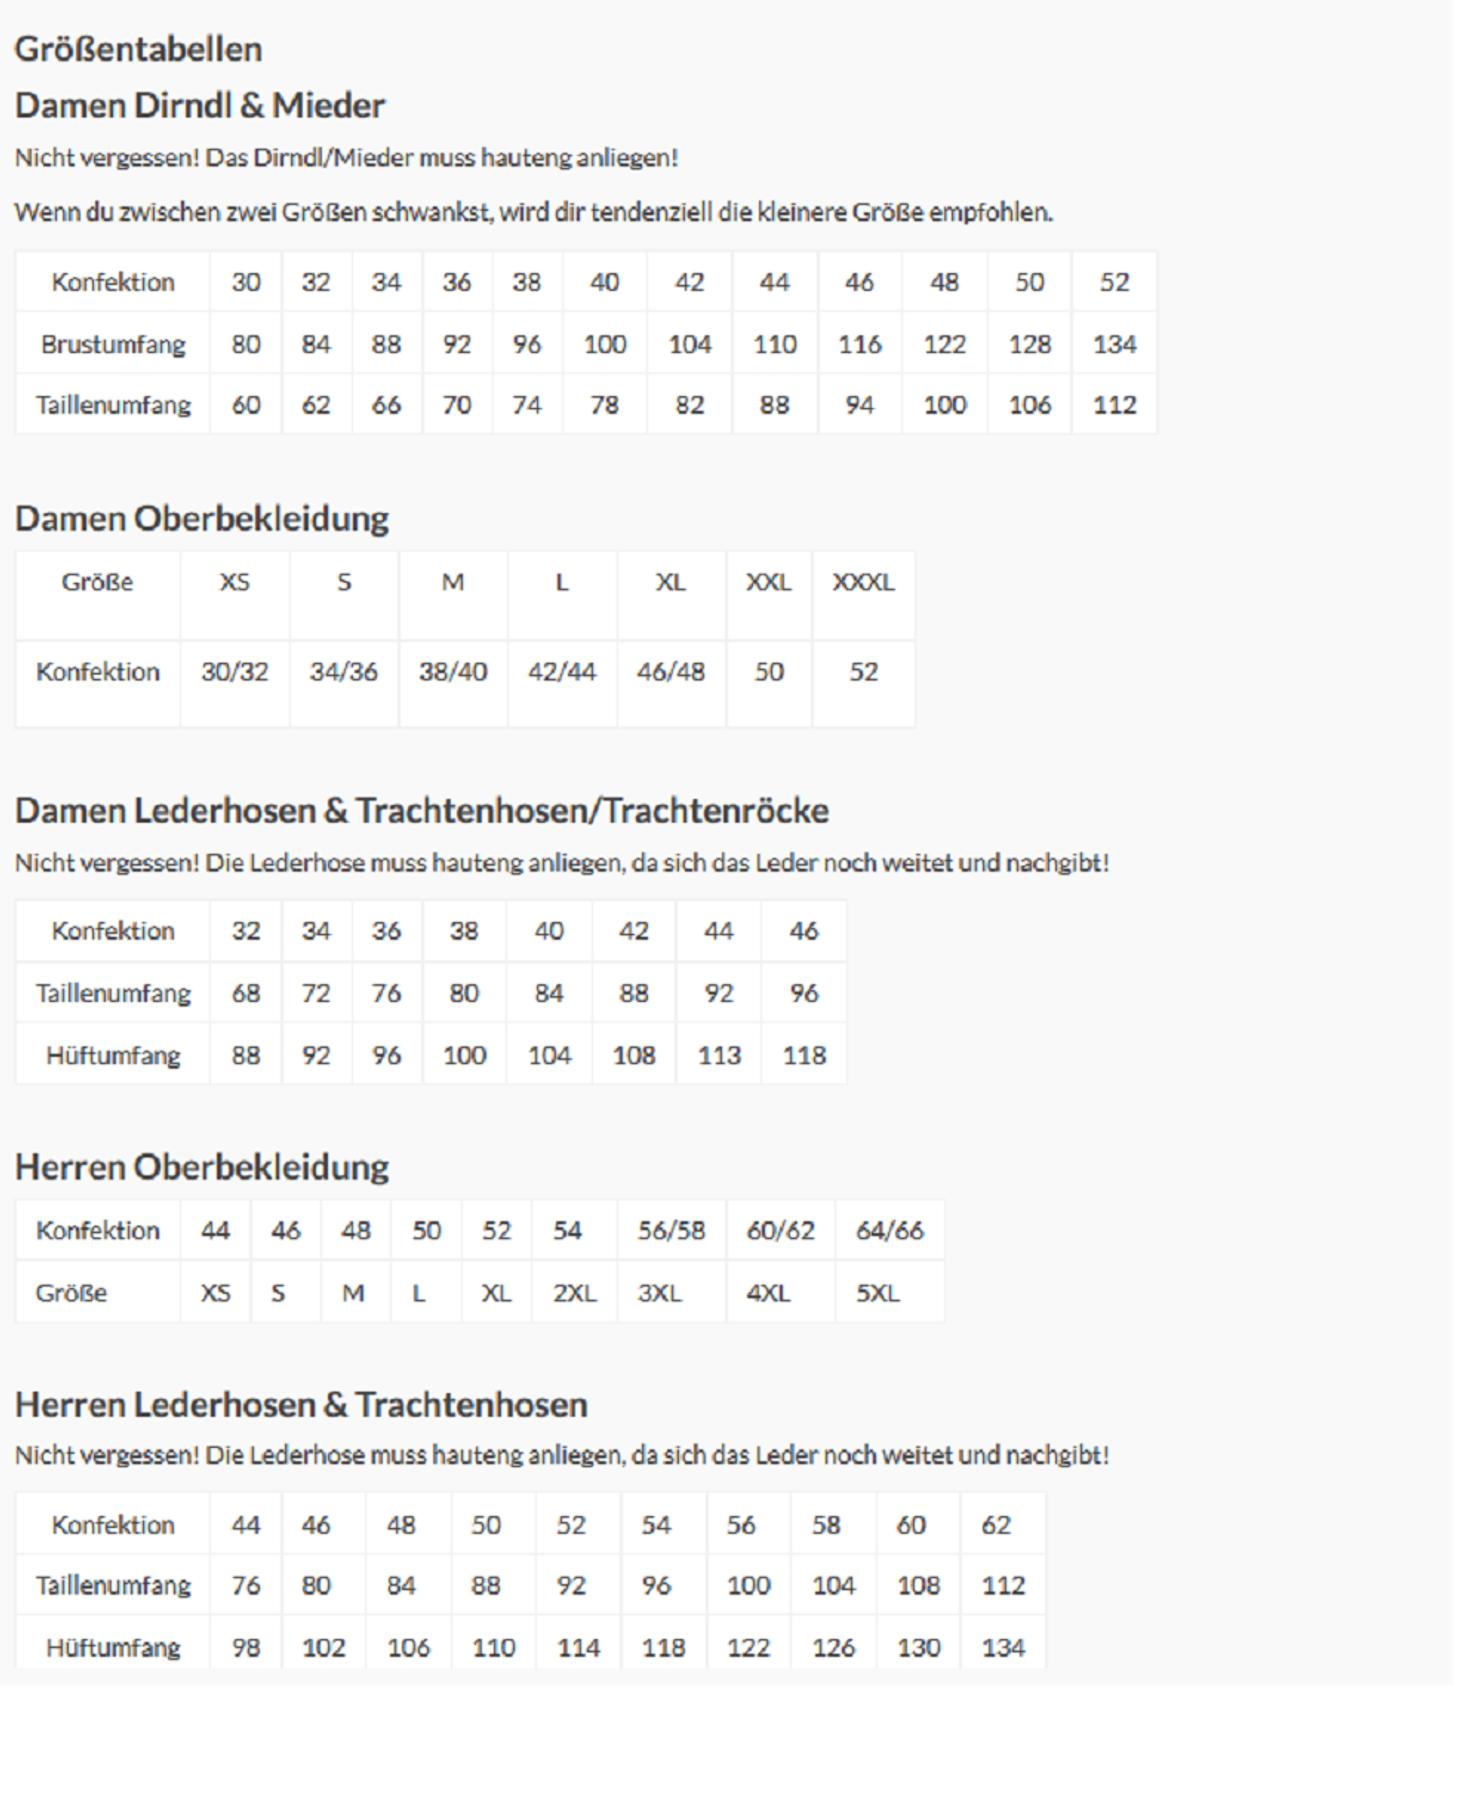 Krüger - Herren Trachtenhose mit Bestickung im stylischen-Look in Anthrazit, Wildling (Artikelnummer: 94698-41) – Bild 3